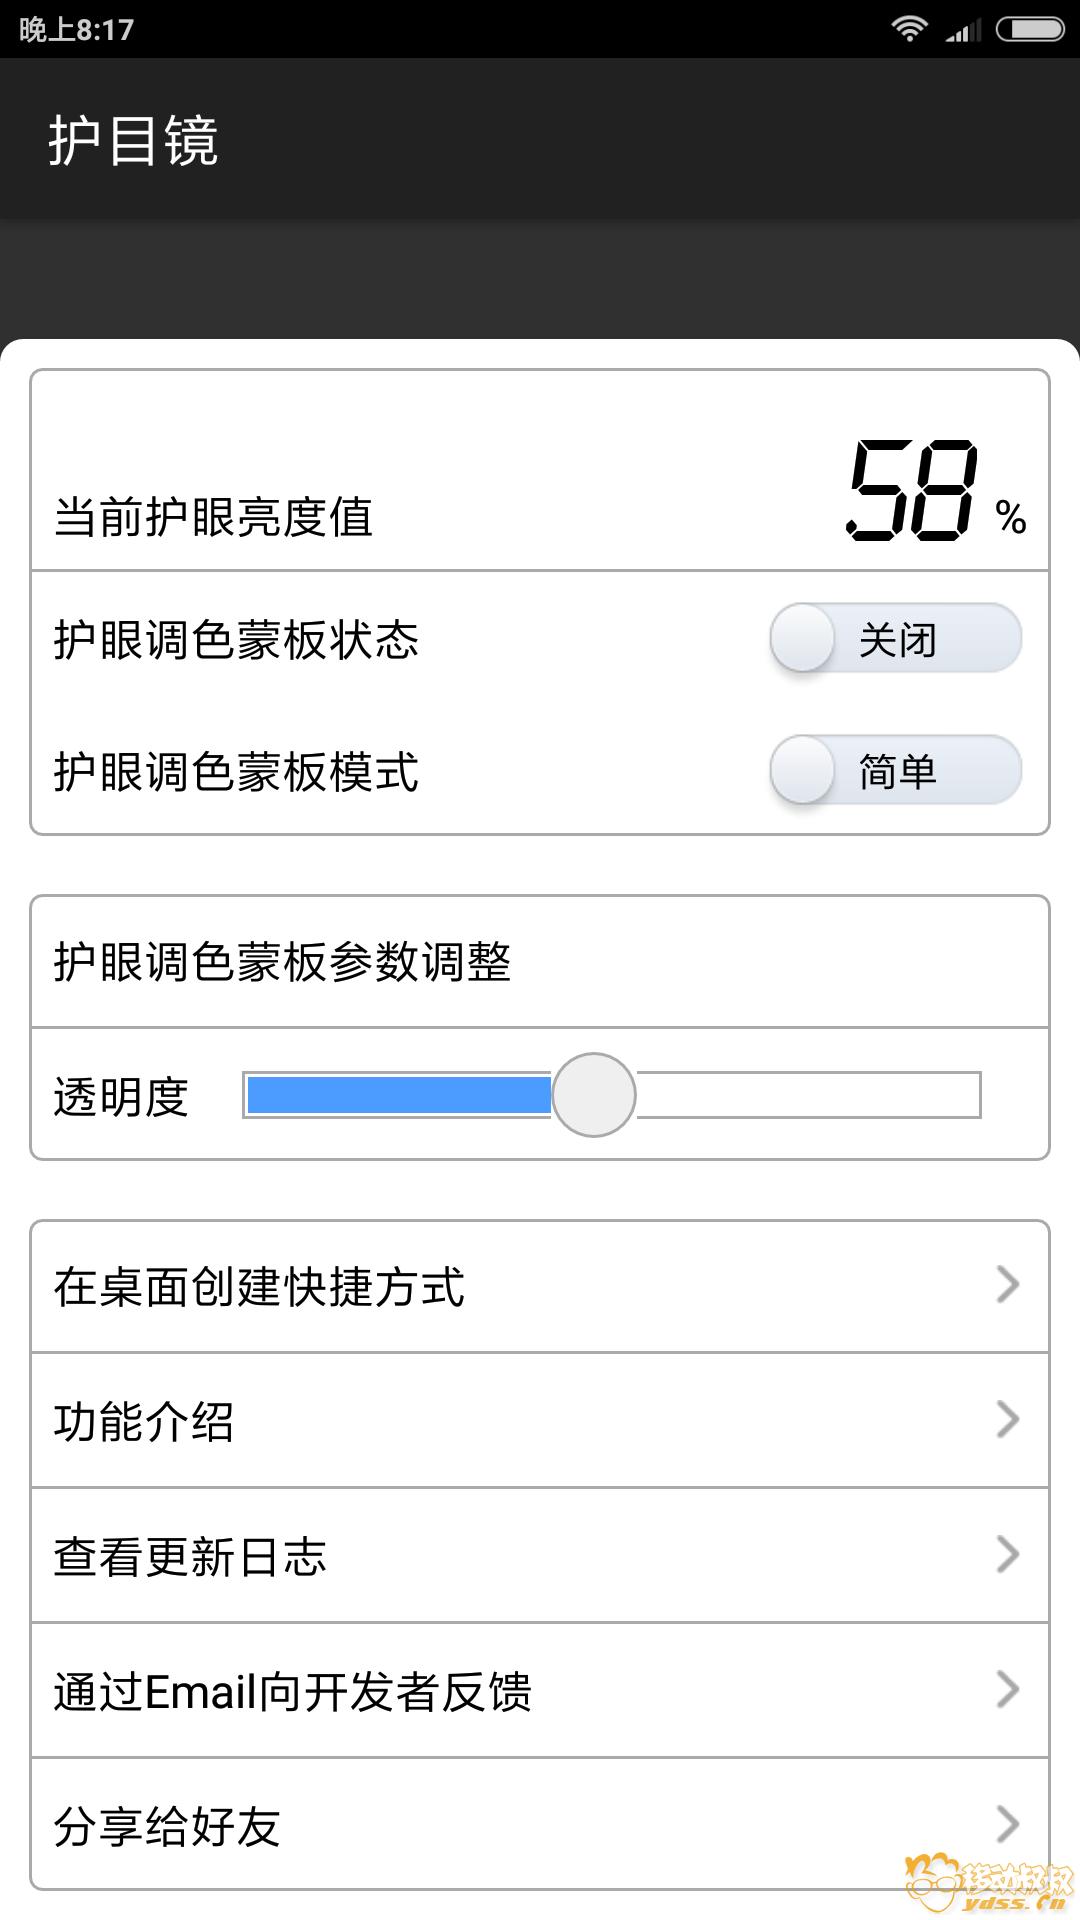 Screenshot_2018-02-28-20-17-08-838_cn.mixiaoxiao.myappscreenmask.png